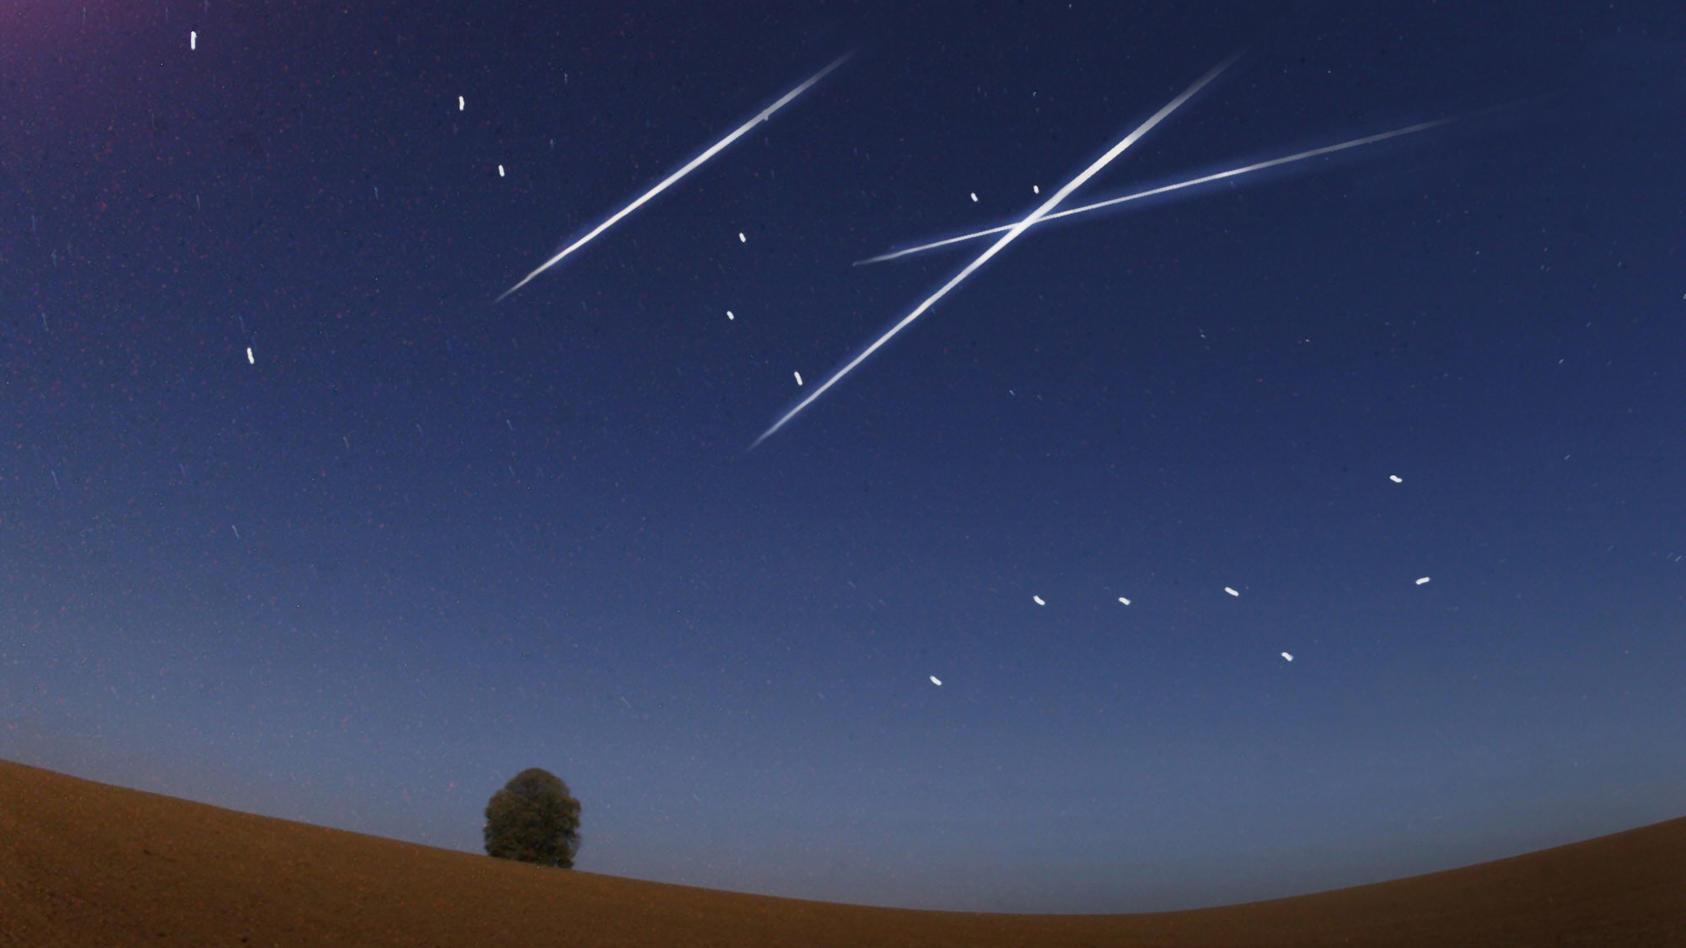 Ein kosmisches Feuerwerk erstrahlt in der Nacht vom 20. auf den 21. Oktober  am Firmament.